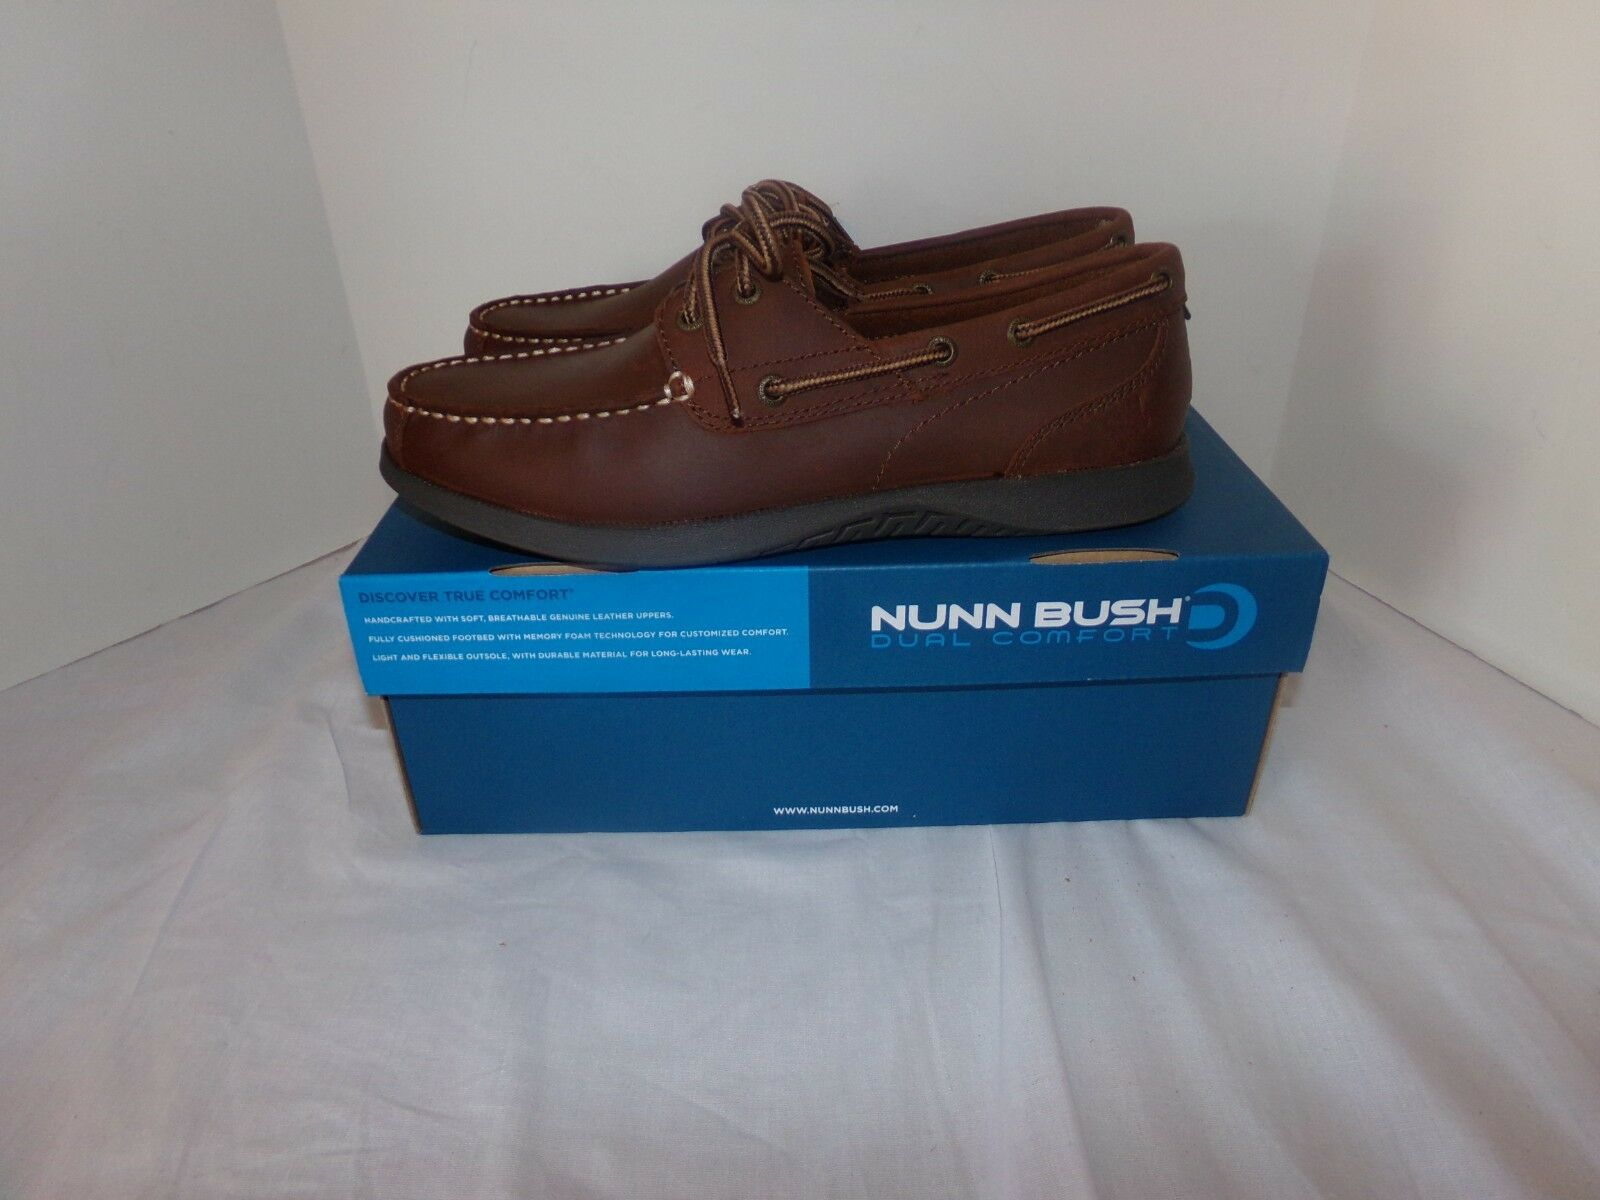 NIB Nunn Bush Dual Comfort Bayside Boat Shoes